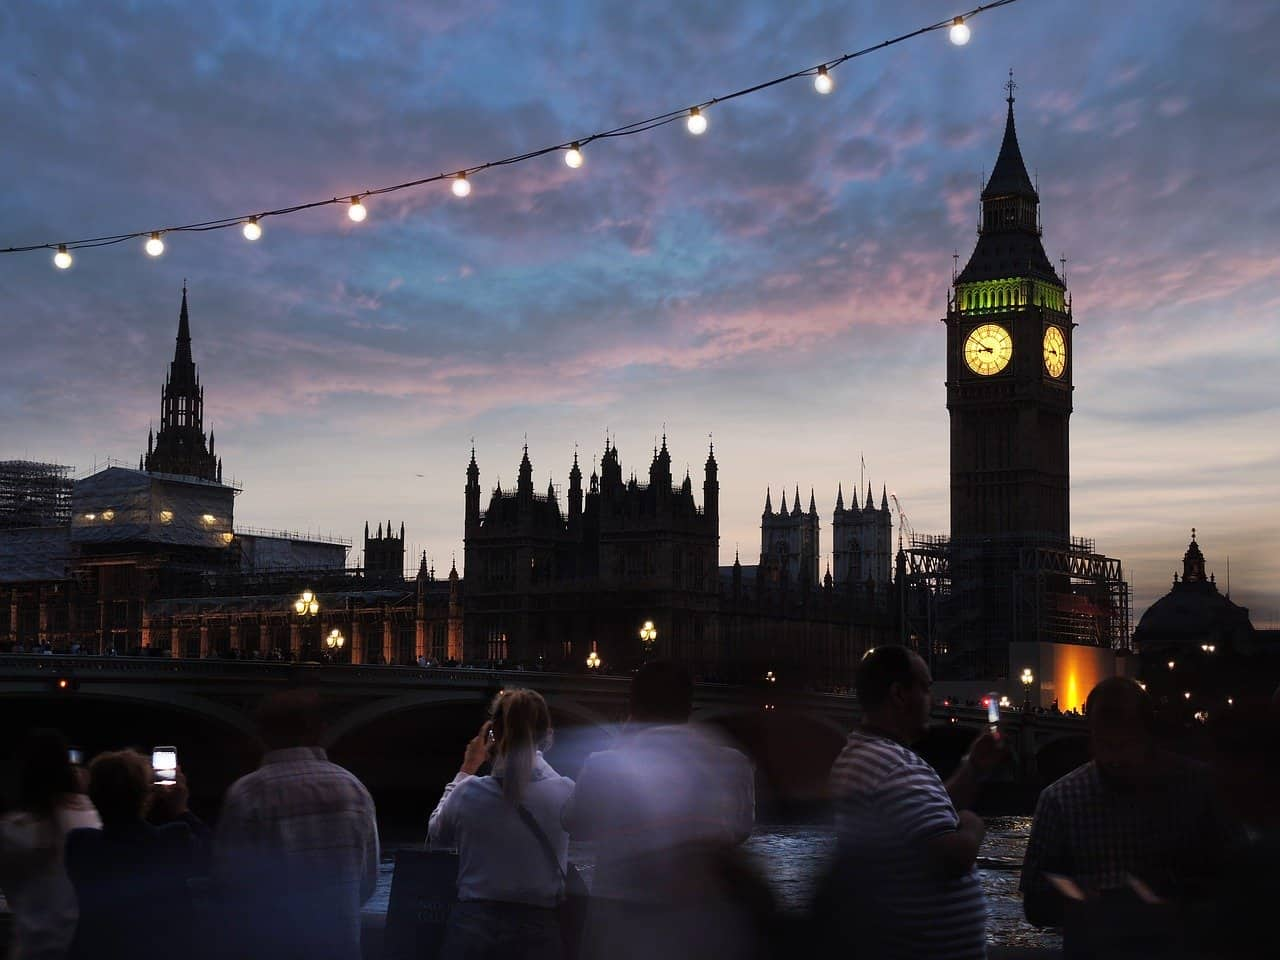 Londres : faire sonner Big Ben pour le Brexit ? Les Britanniques divisés